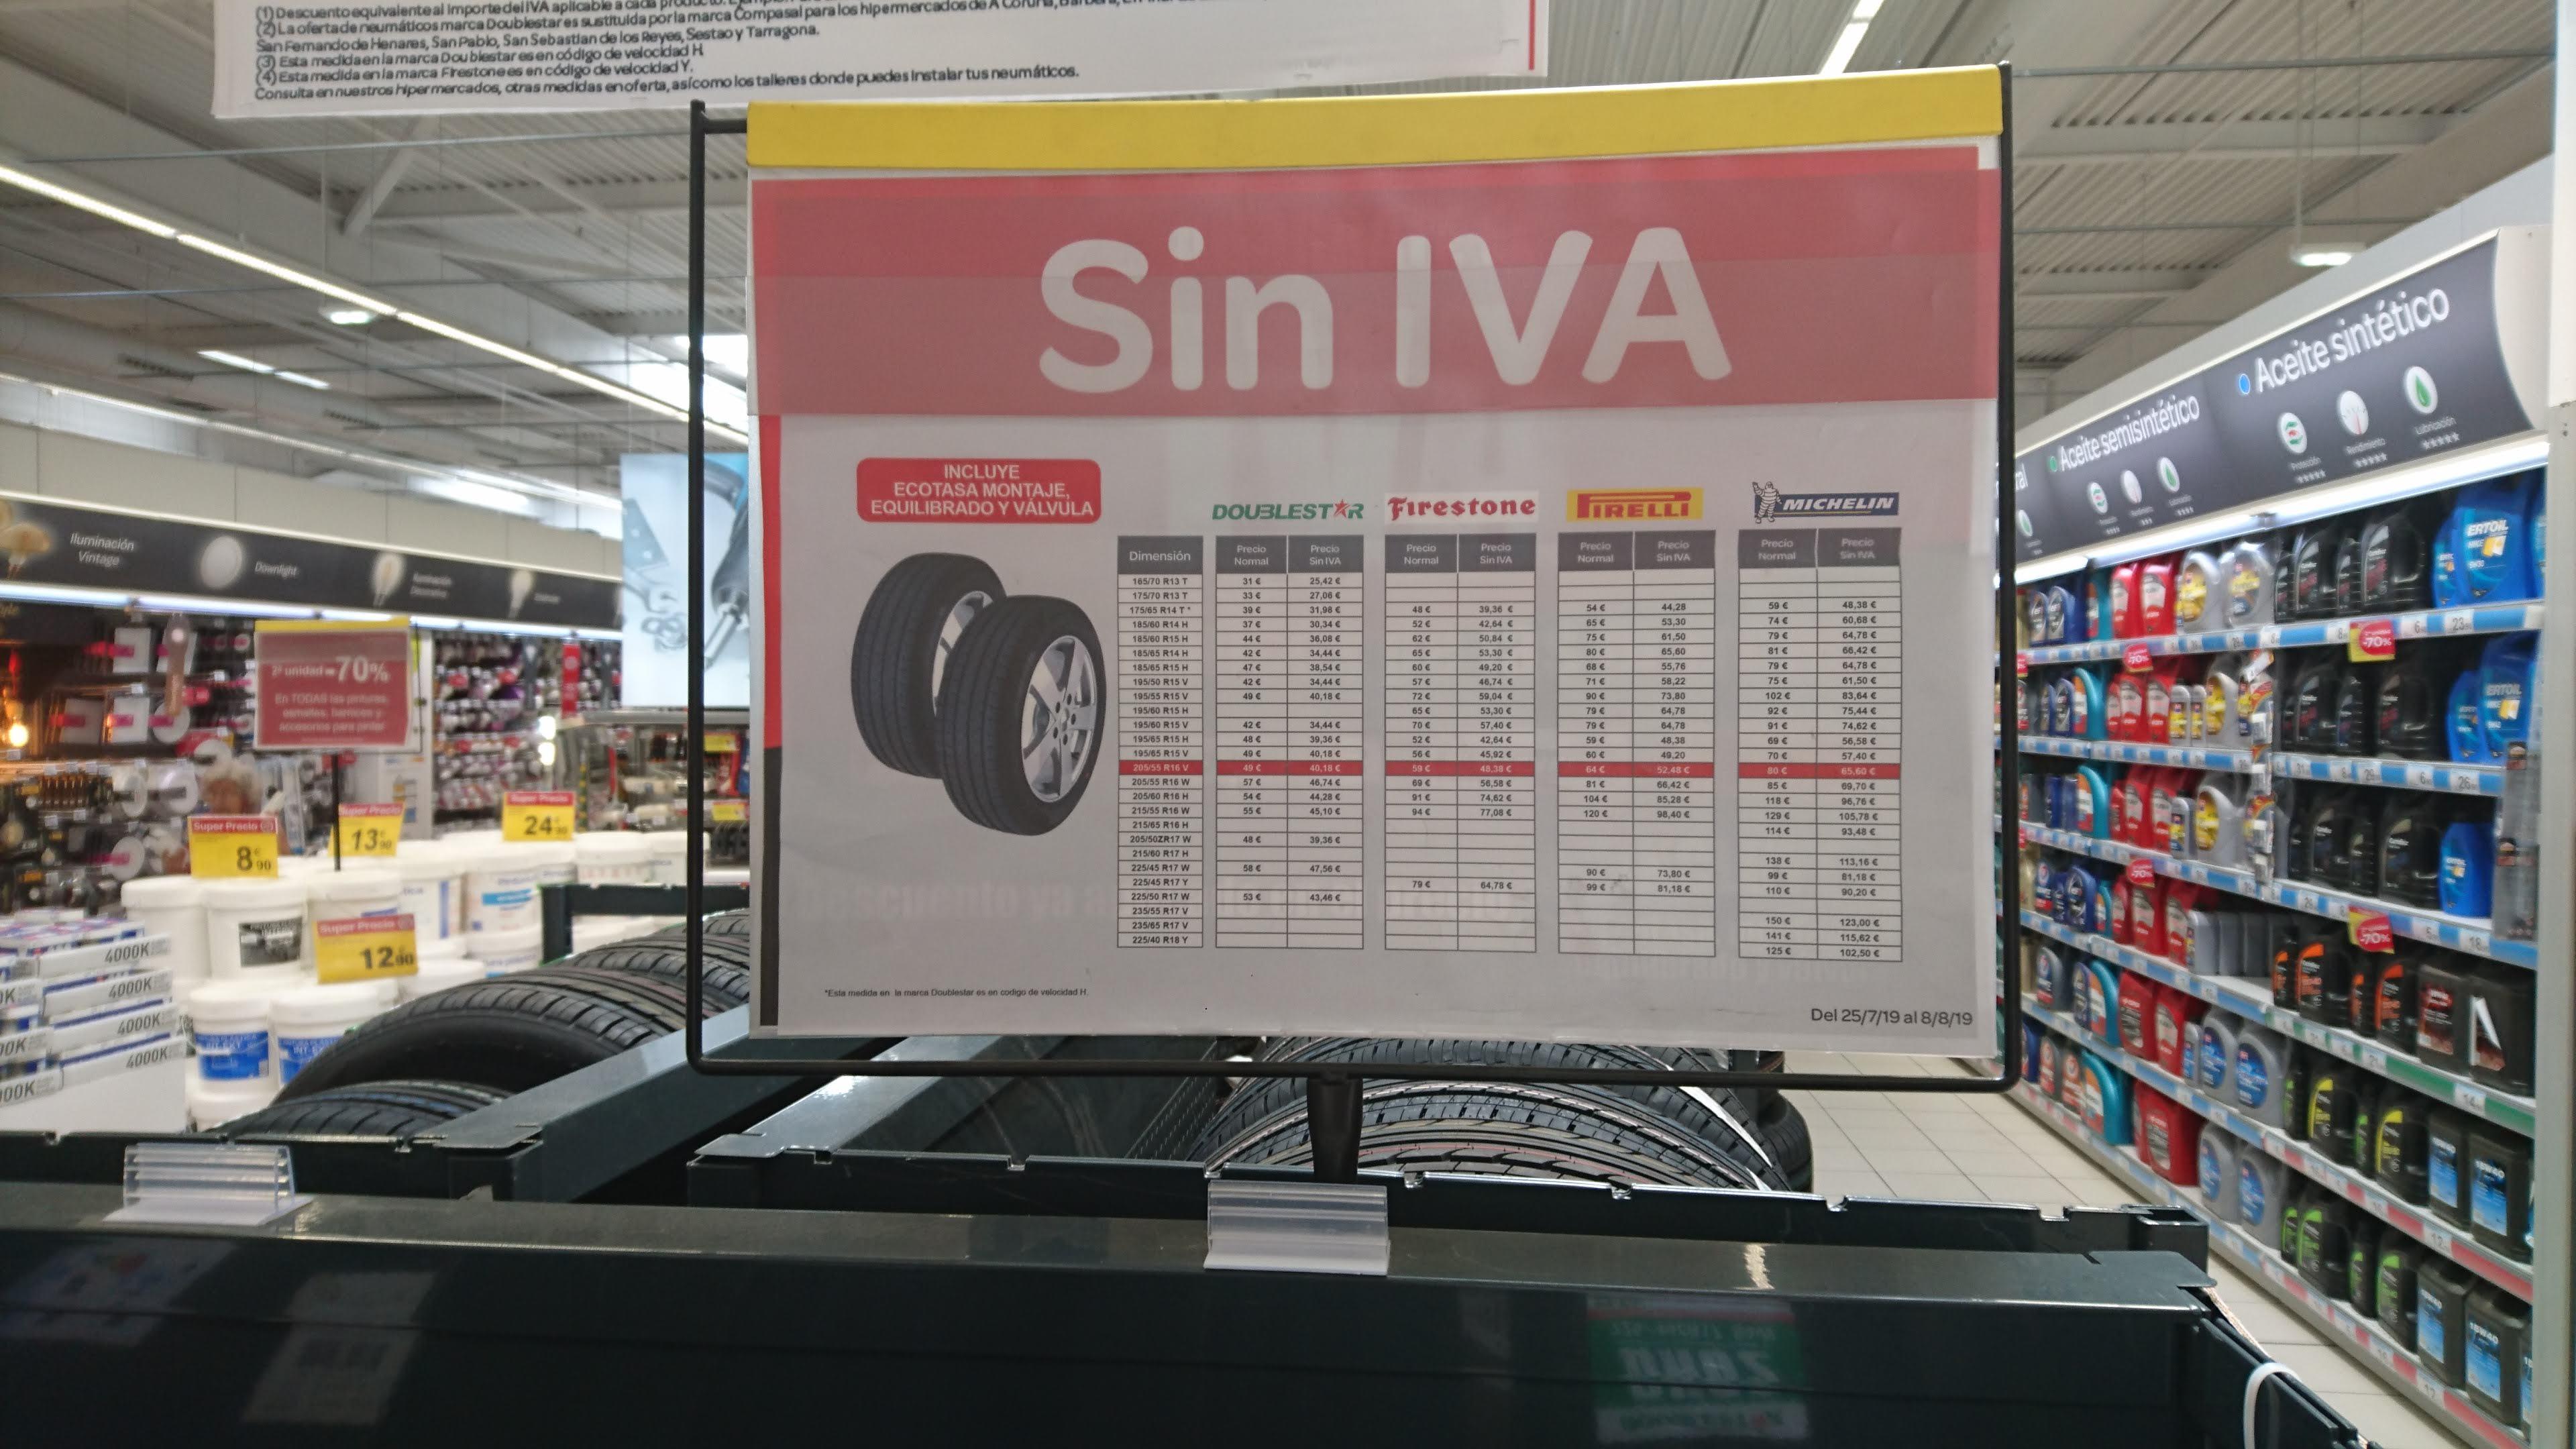 Neumáticos sin iva en carrefour con montaje, ecotasa, valvula y equilibrado gratis